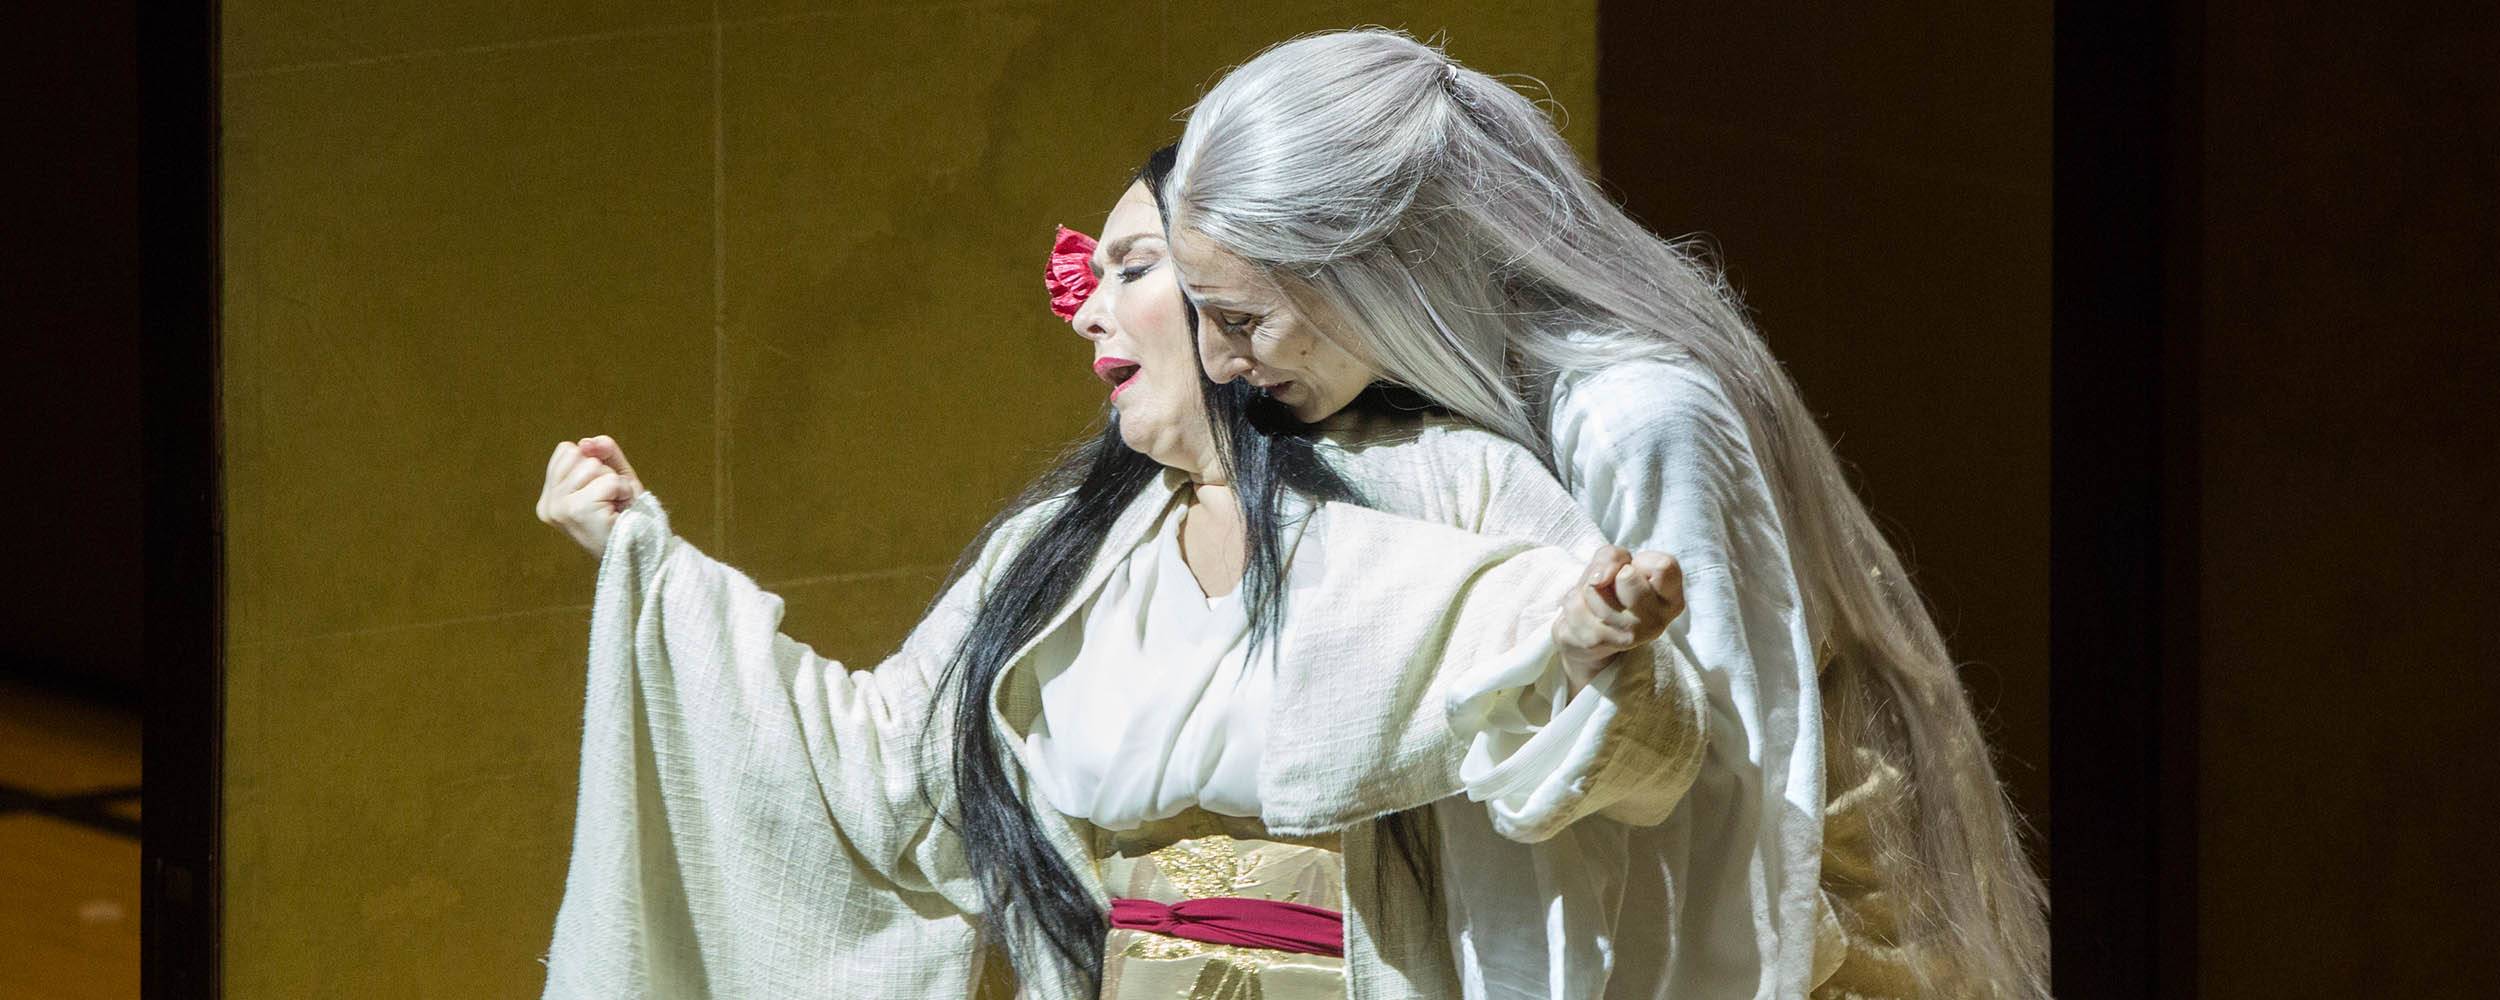 Madame Butterfly: Teatro Del Maggio Musicale Fiorentino